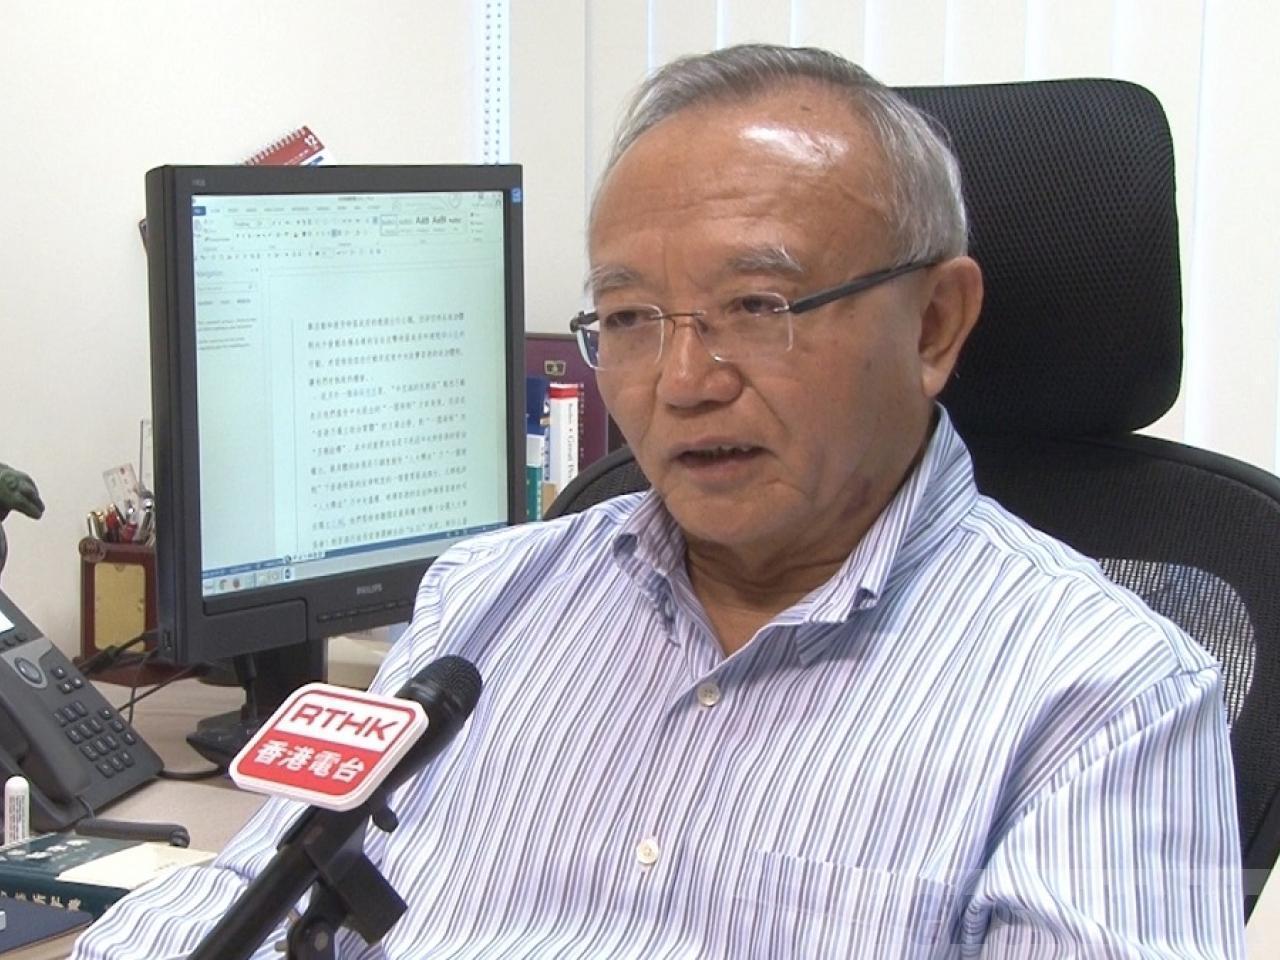 劉兆佳認為,李嘉誠是透過委婉的方式,重申「止暴制亂」的目標。圖:香港電台網站